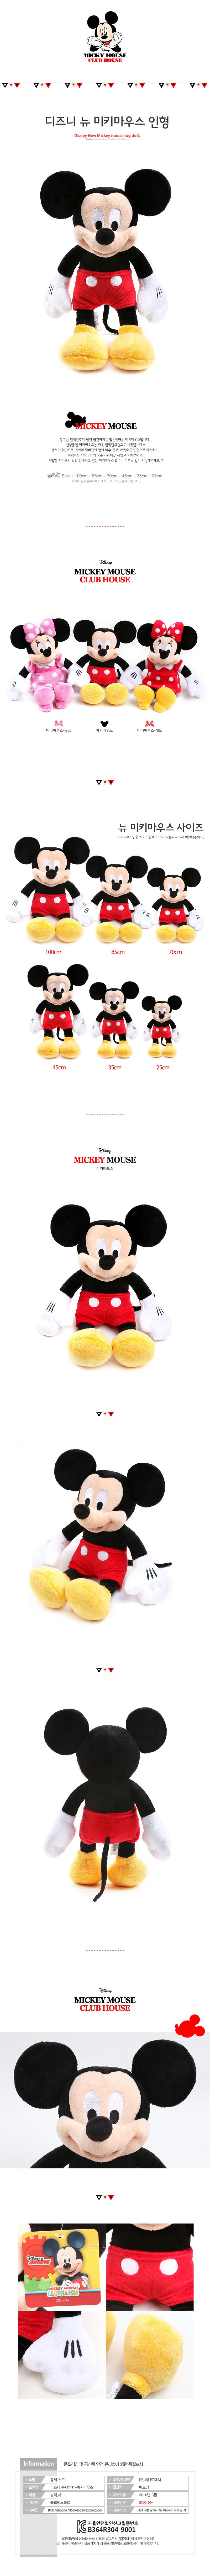 디즈니 뉴 미키마우스 인형-(100cm) 대형인형 - 누리토이즈, 91,800원, 빅사이즈인형, 90cm~120cm